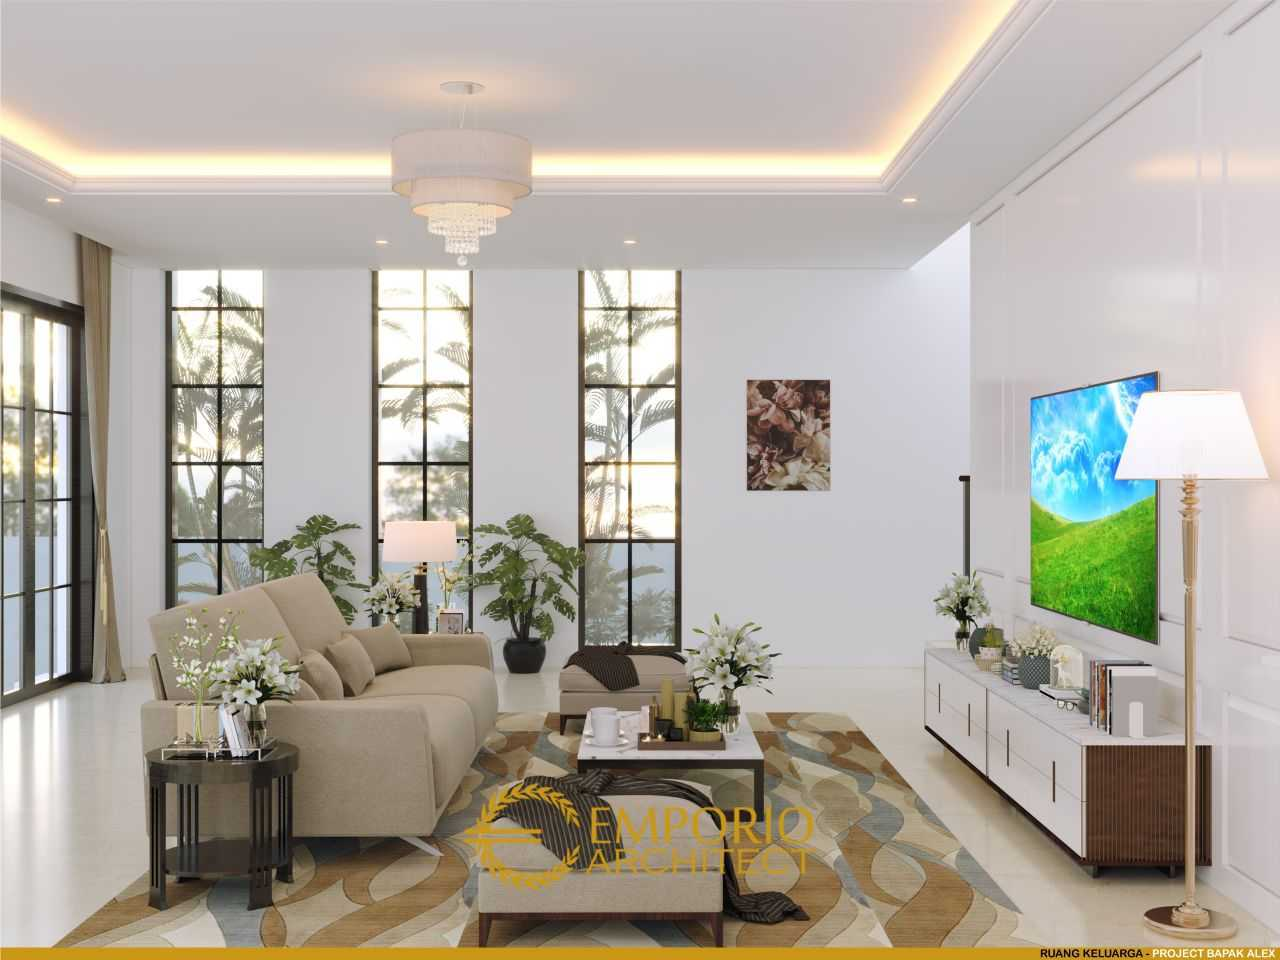 Emporio Architect Jasa Arsitek Bengkulu Desain Rumah Classic 2 Lantai 821 @ Bengkulu Bengkulu, Kota Bengkulu, Bengkulu, Indonesia Bengkulu, Kota Bengkulu, Bengkulu, Indonesia Emporio-Architect-Jasa-Arsitek-Bengkulu-Desain-Rumah-Classic-2-Lantai-821-Bengkulu  93547